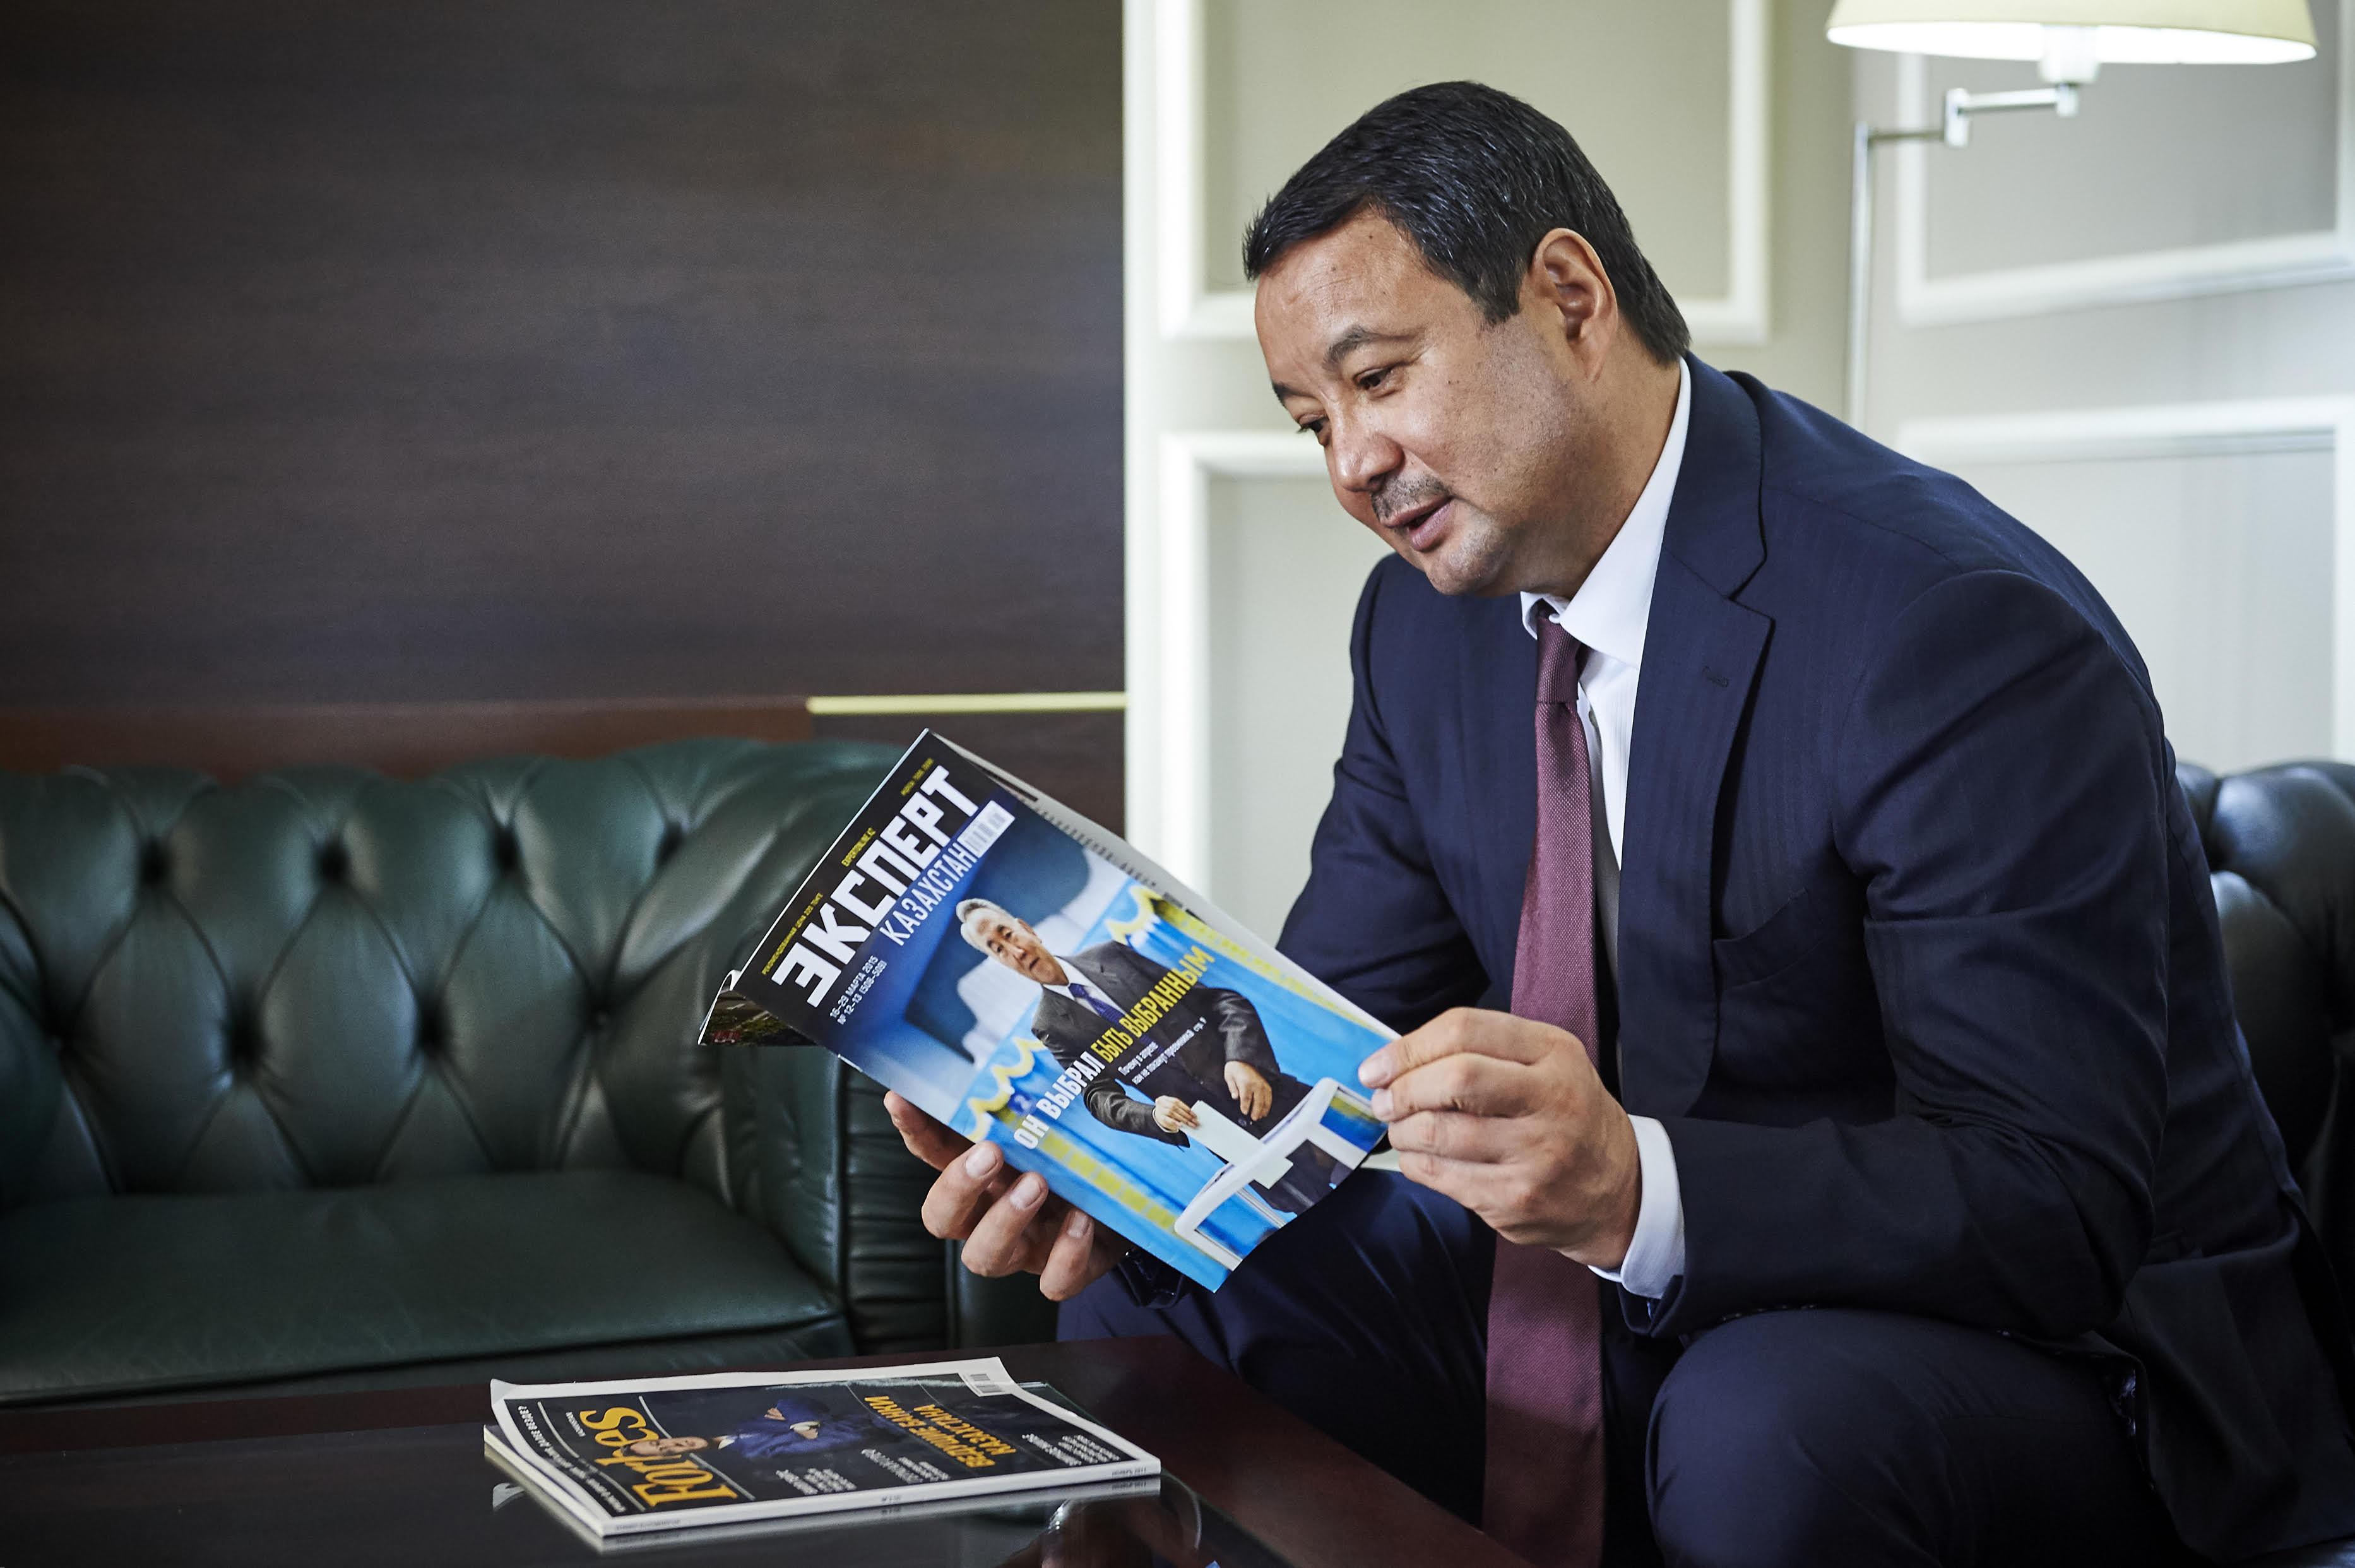 Izturgan Aldauev - Mr. Serik Konakbayev